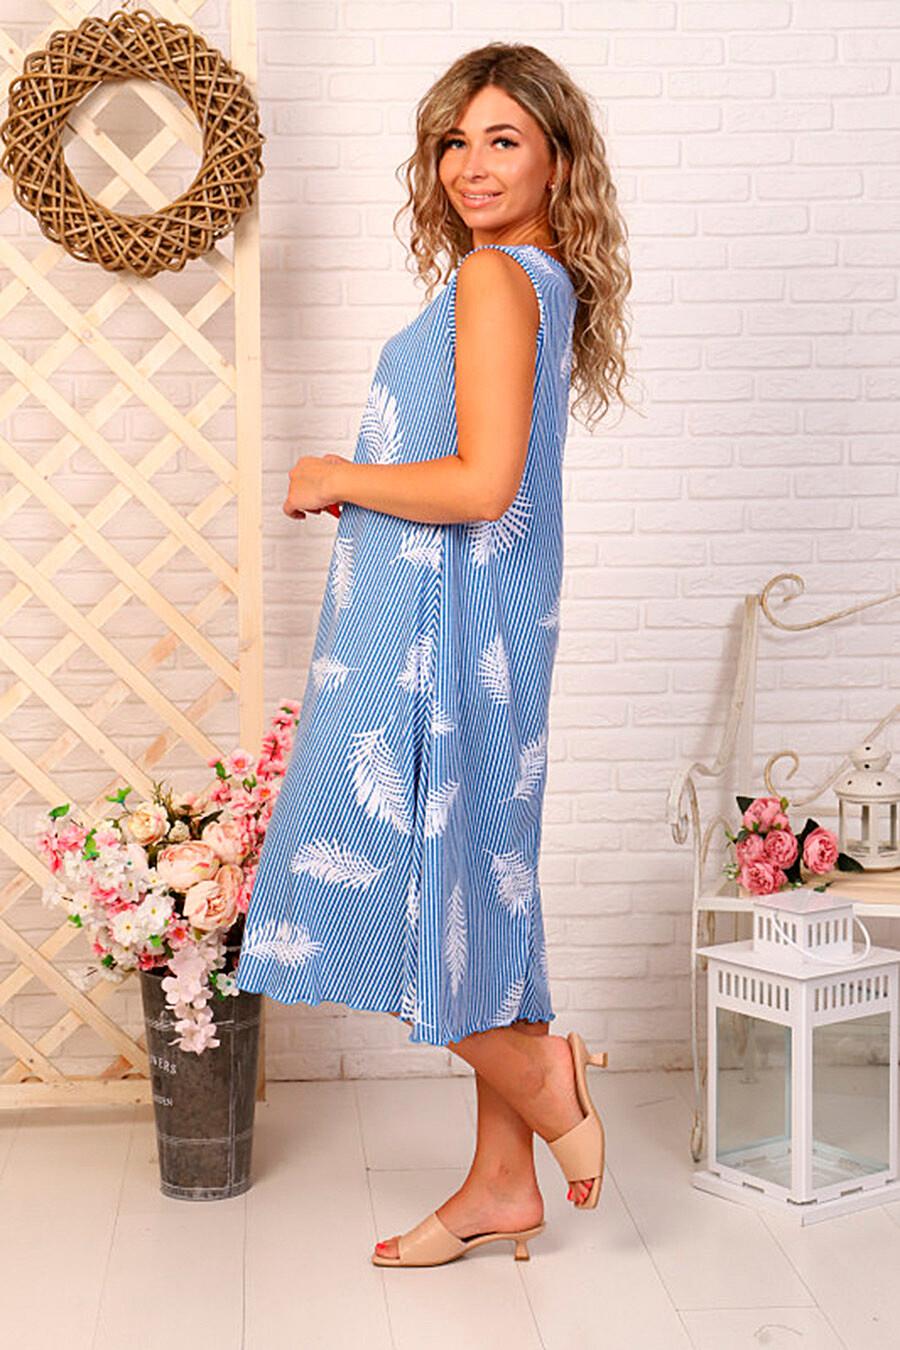 Сарафан для женщин SOFIYA37 682282 купить оптом от производителя. Совместная покупка женской одежды в OptMoyo